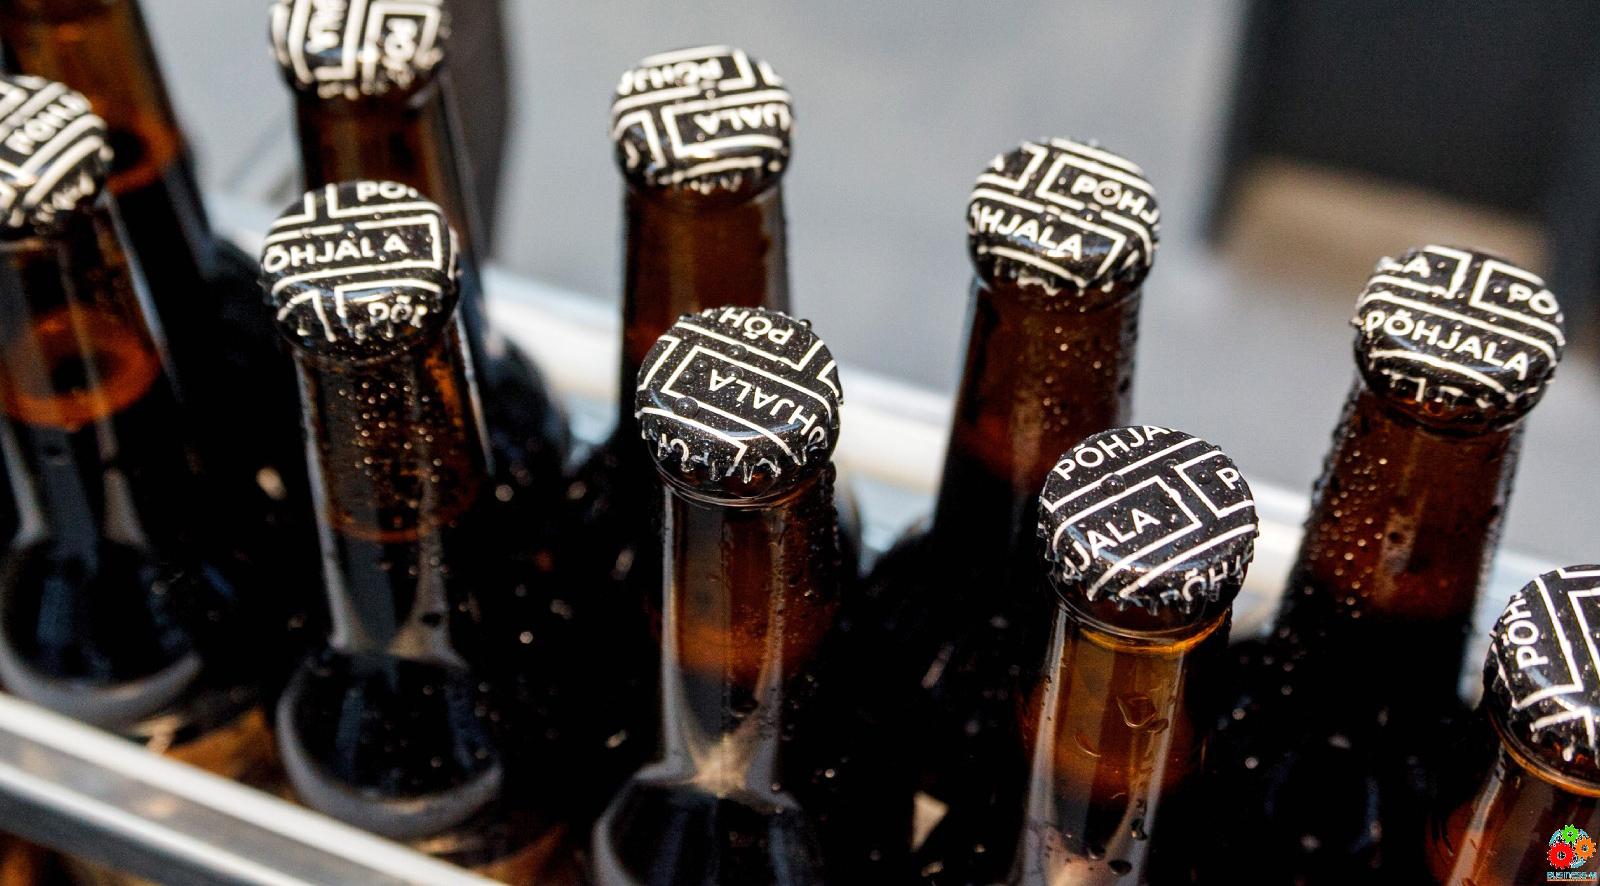 Пивоварня Põhjala в третий раз вошла в сотню лучших пивоварен мира. Поздравляем!